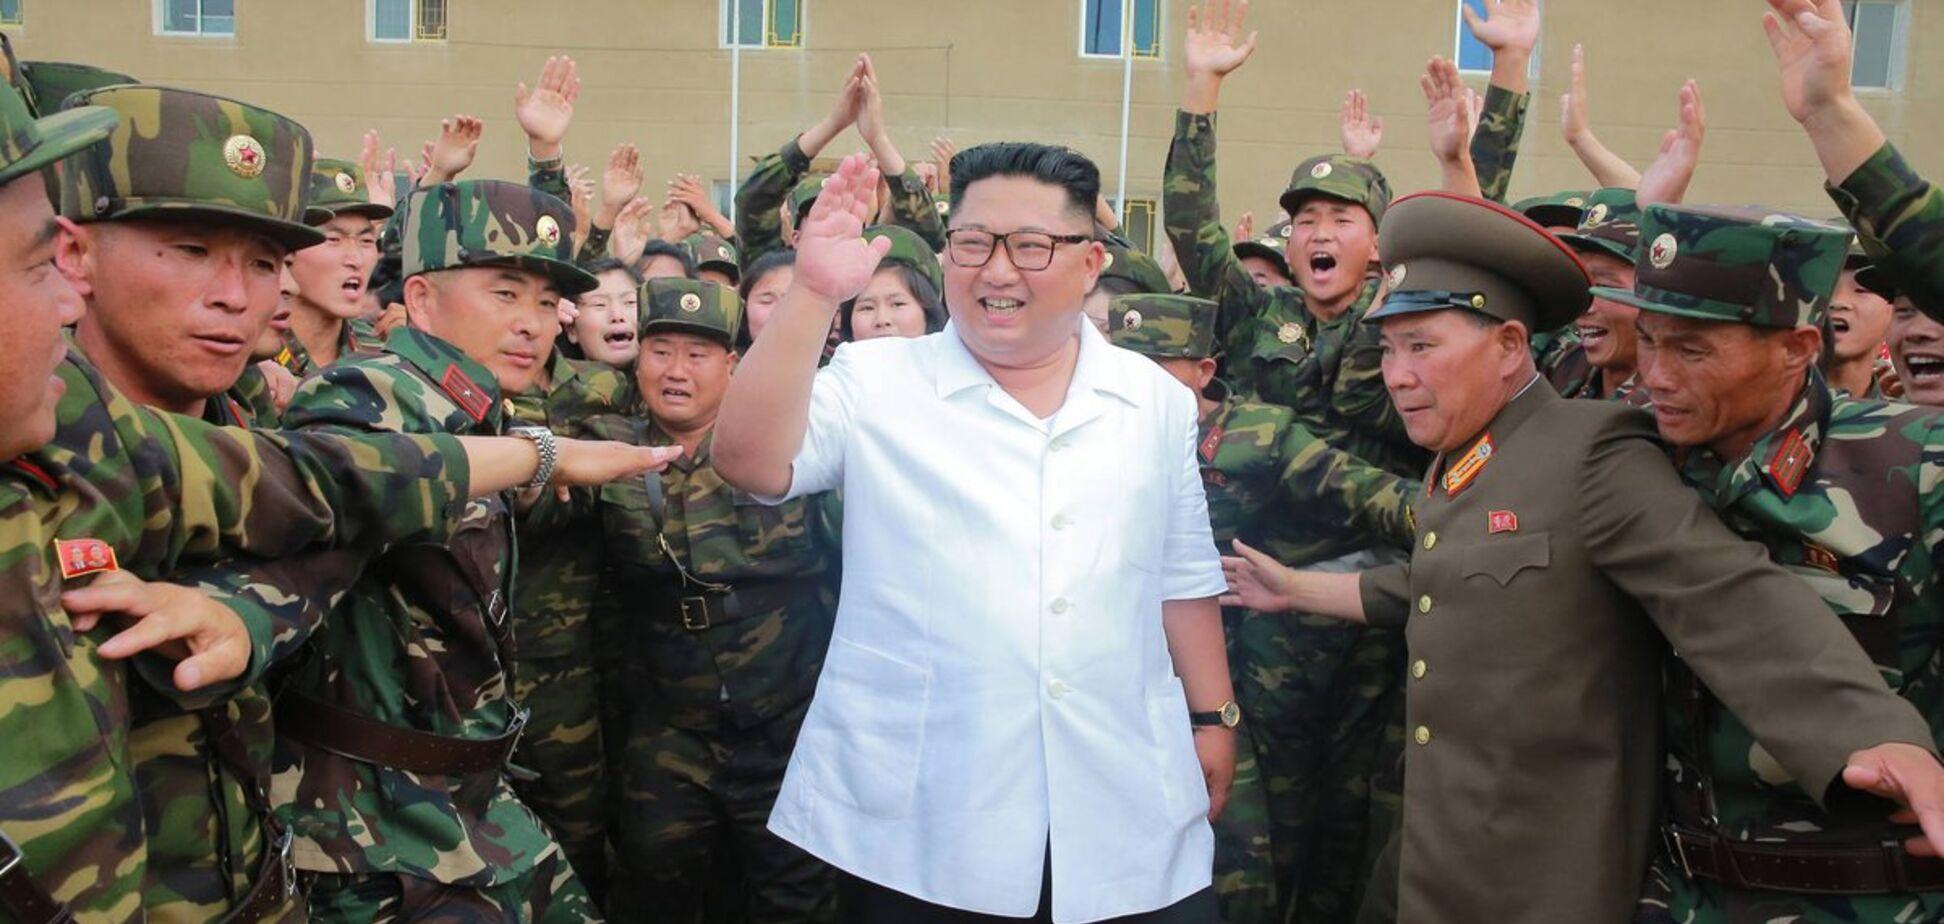 Кім Чен Ин ледь не застряг, тестуючи 'гордість' автопрому Росії: кумедні фото